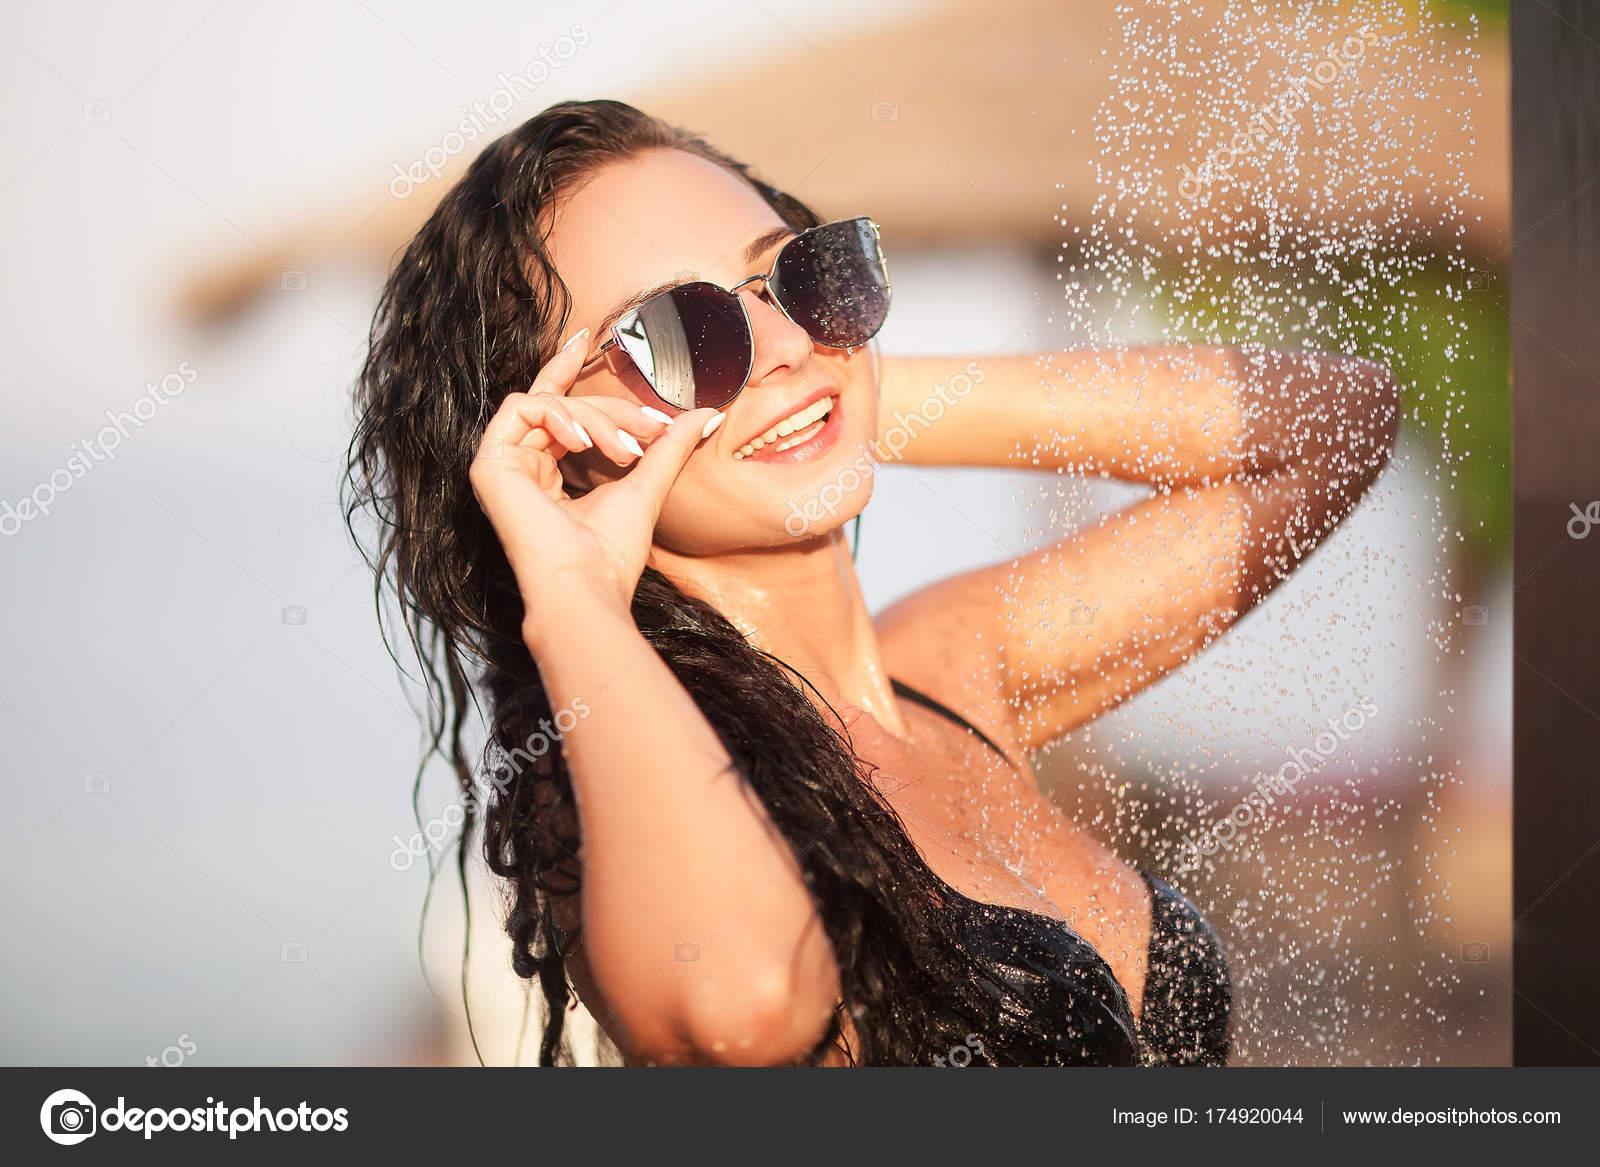 Zwembroek L.Een Jonge Sexy Vrouw Dragen Zwarte Zwembroek Douchen Buiten Bij L